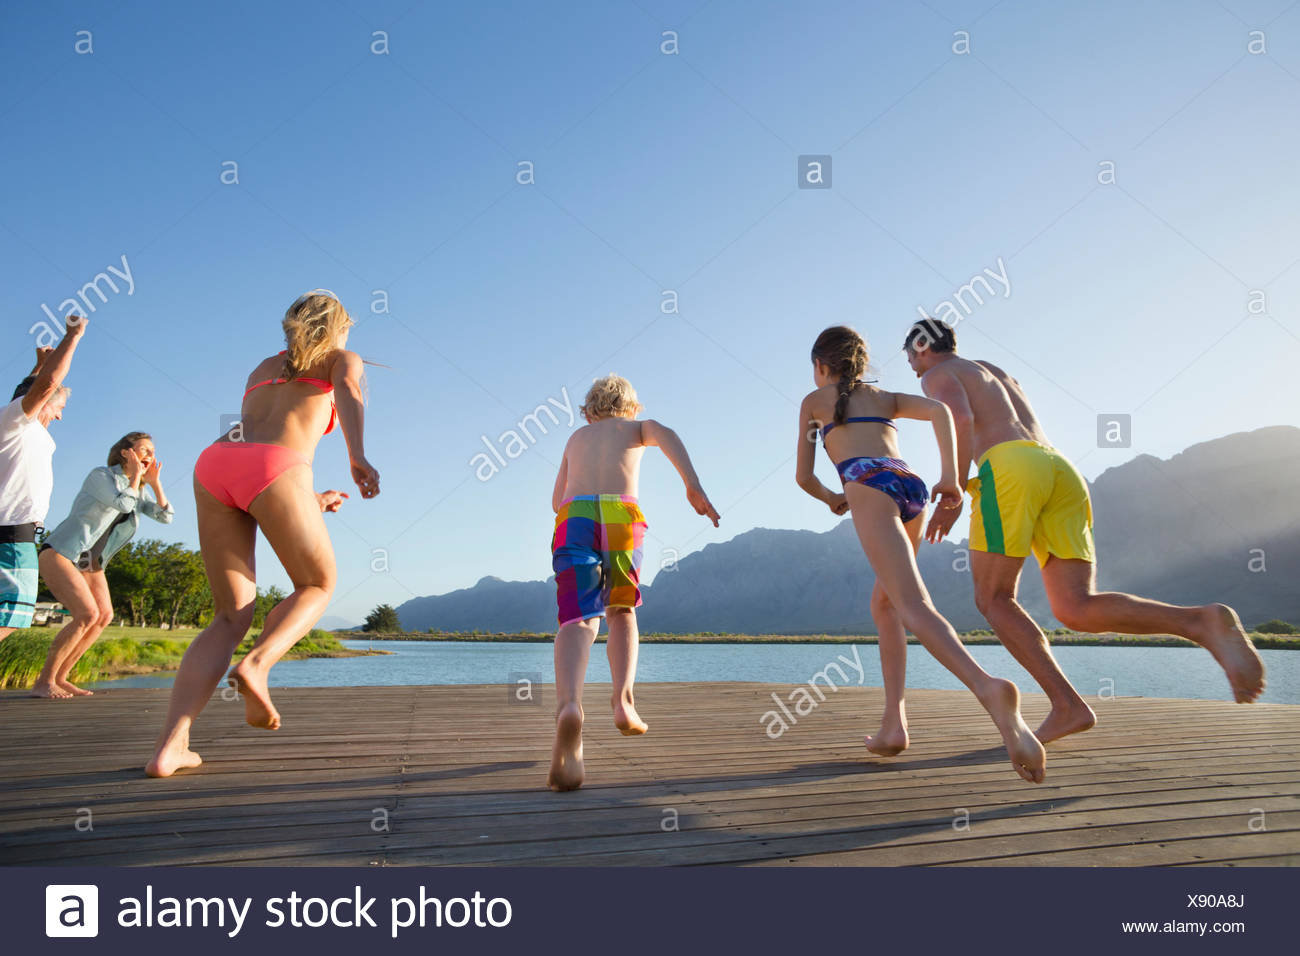 Multi-Generation Familie laufen in See von einem Steg springen Stockbild